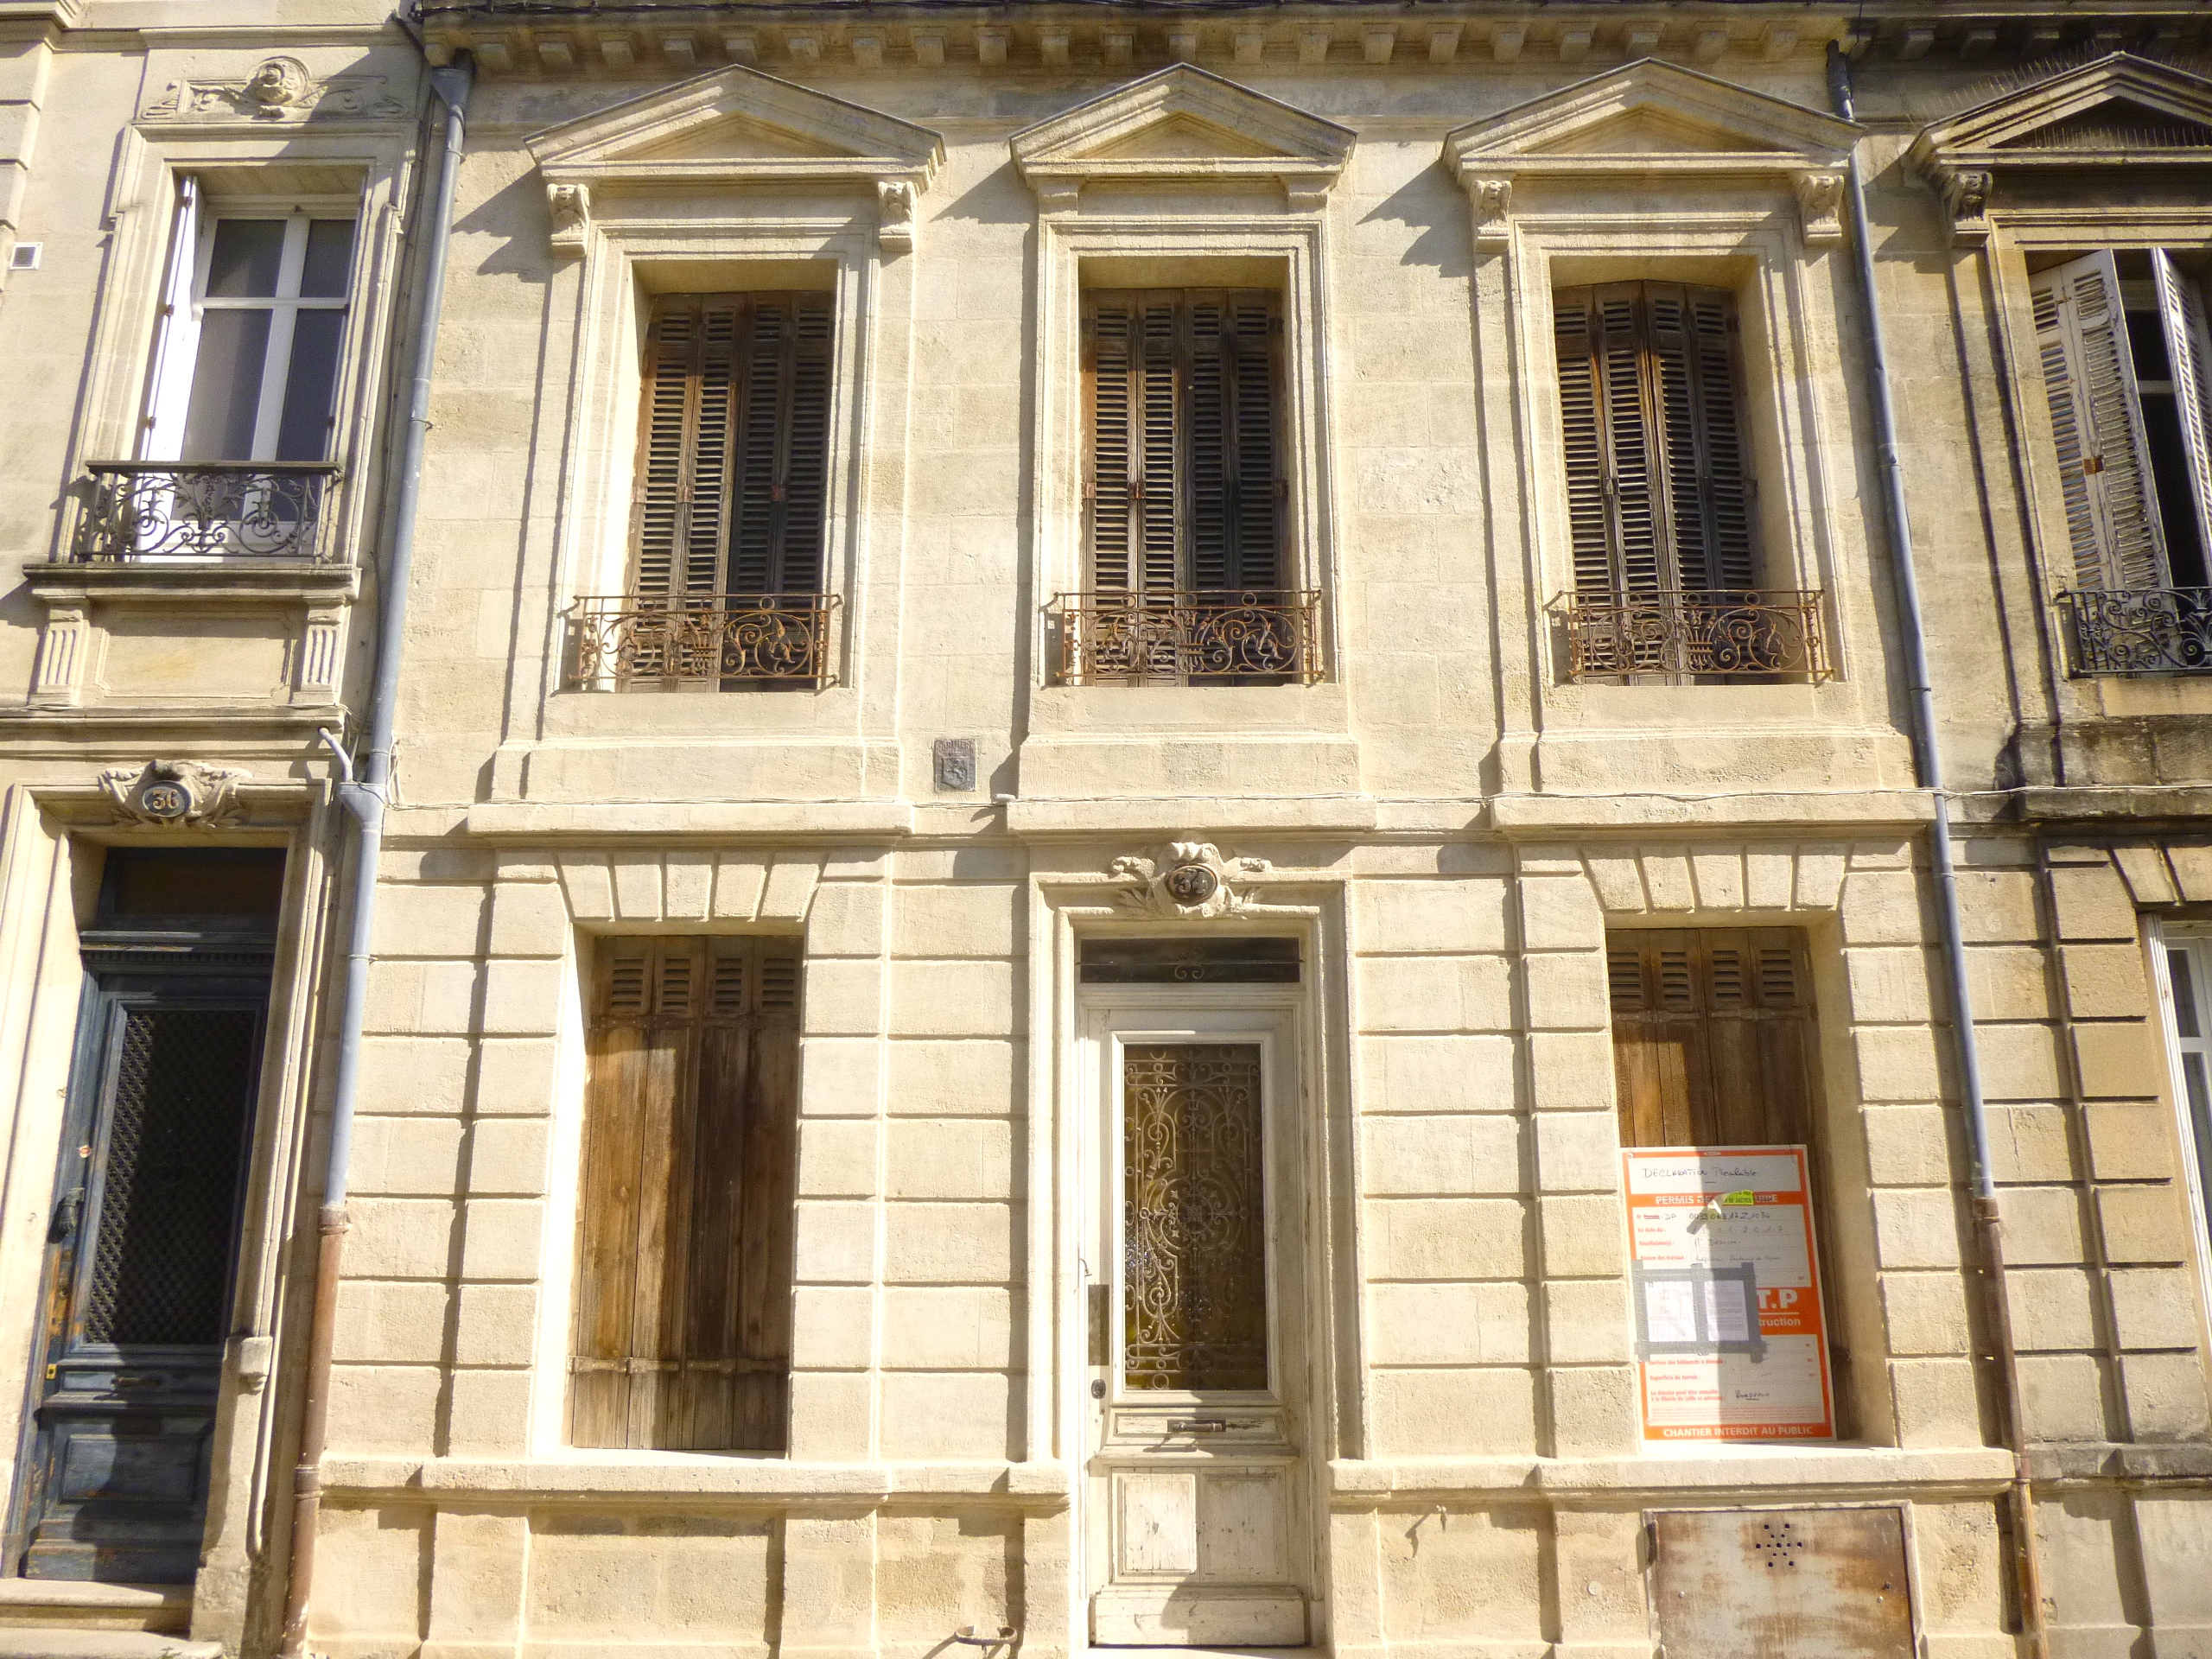 Maison bordeaux croix blanche agence immobili re for Maison bordeaux